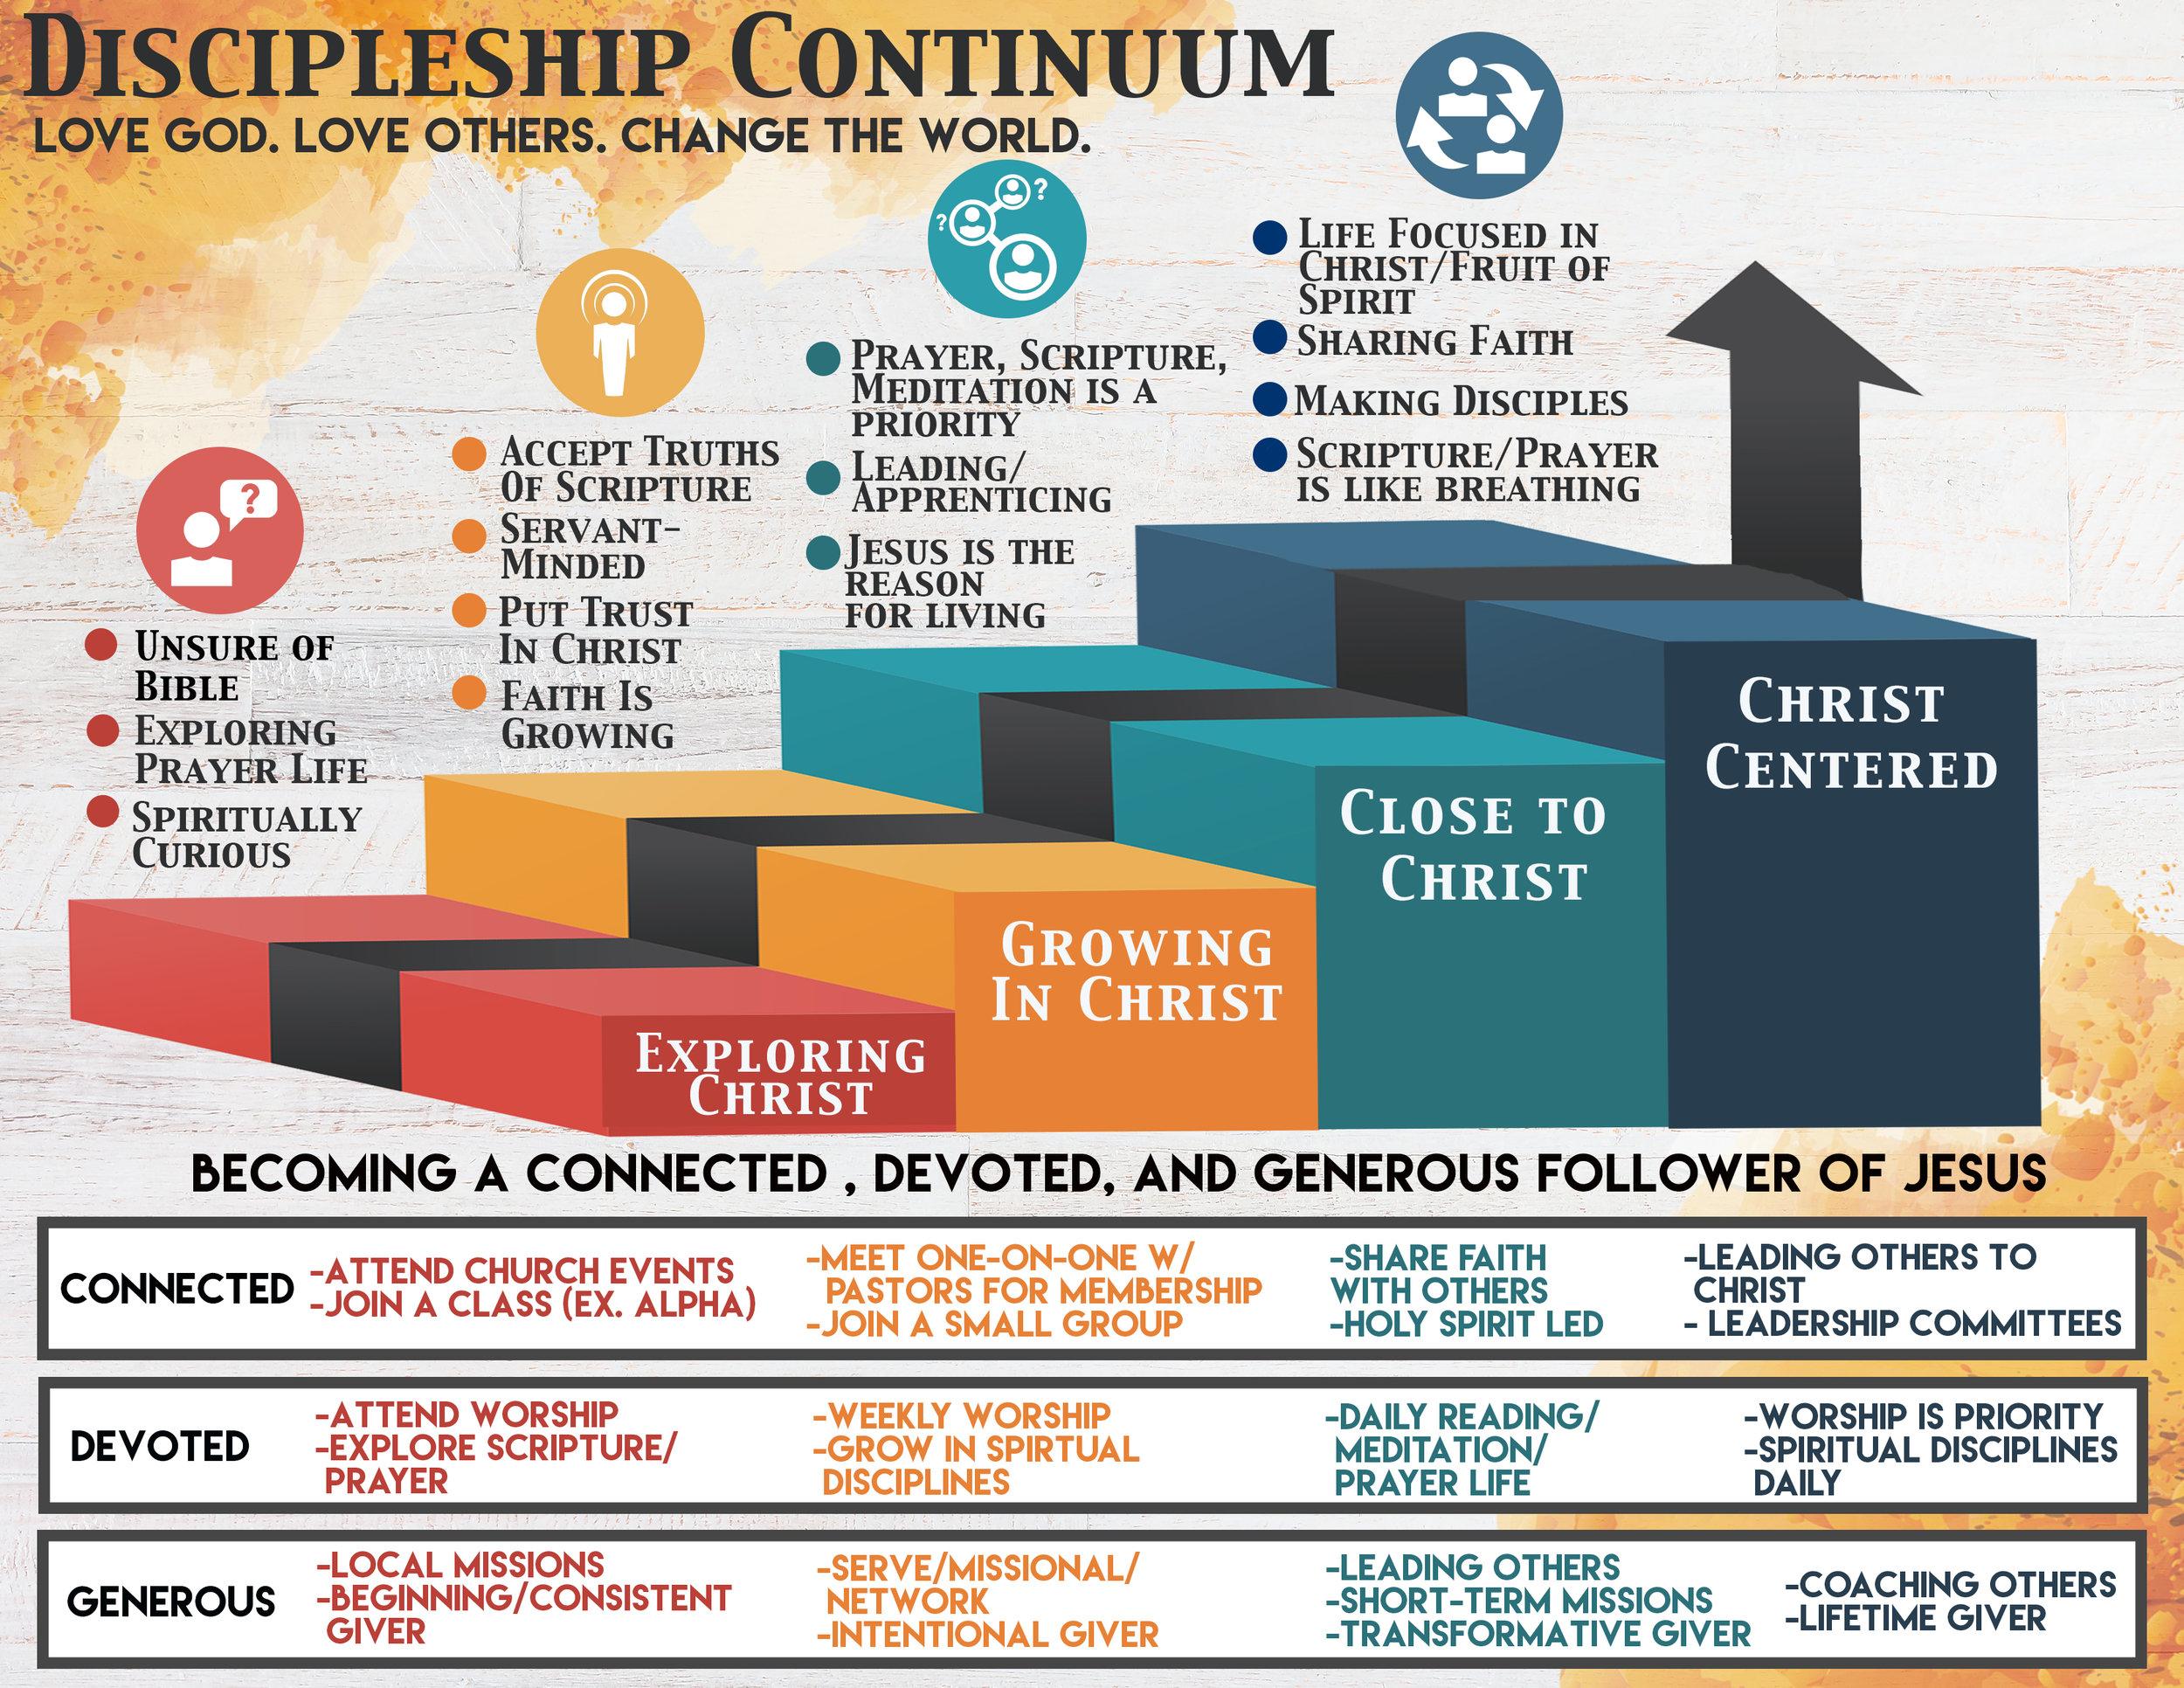 Discipleship Continuum.jpg